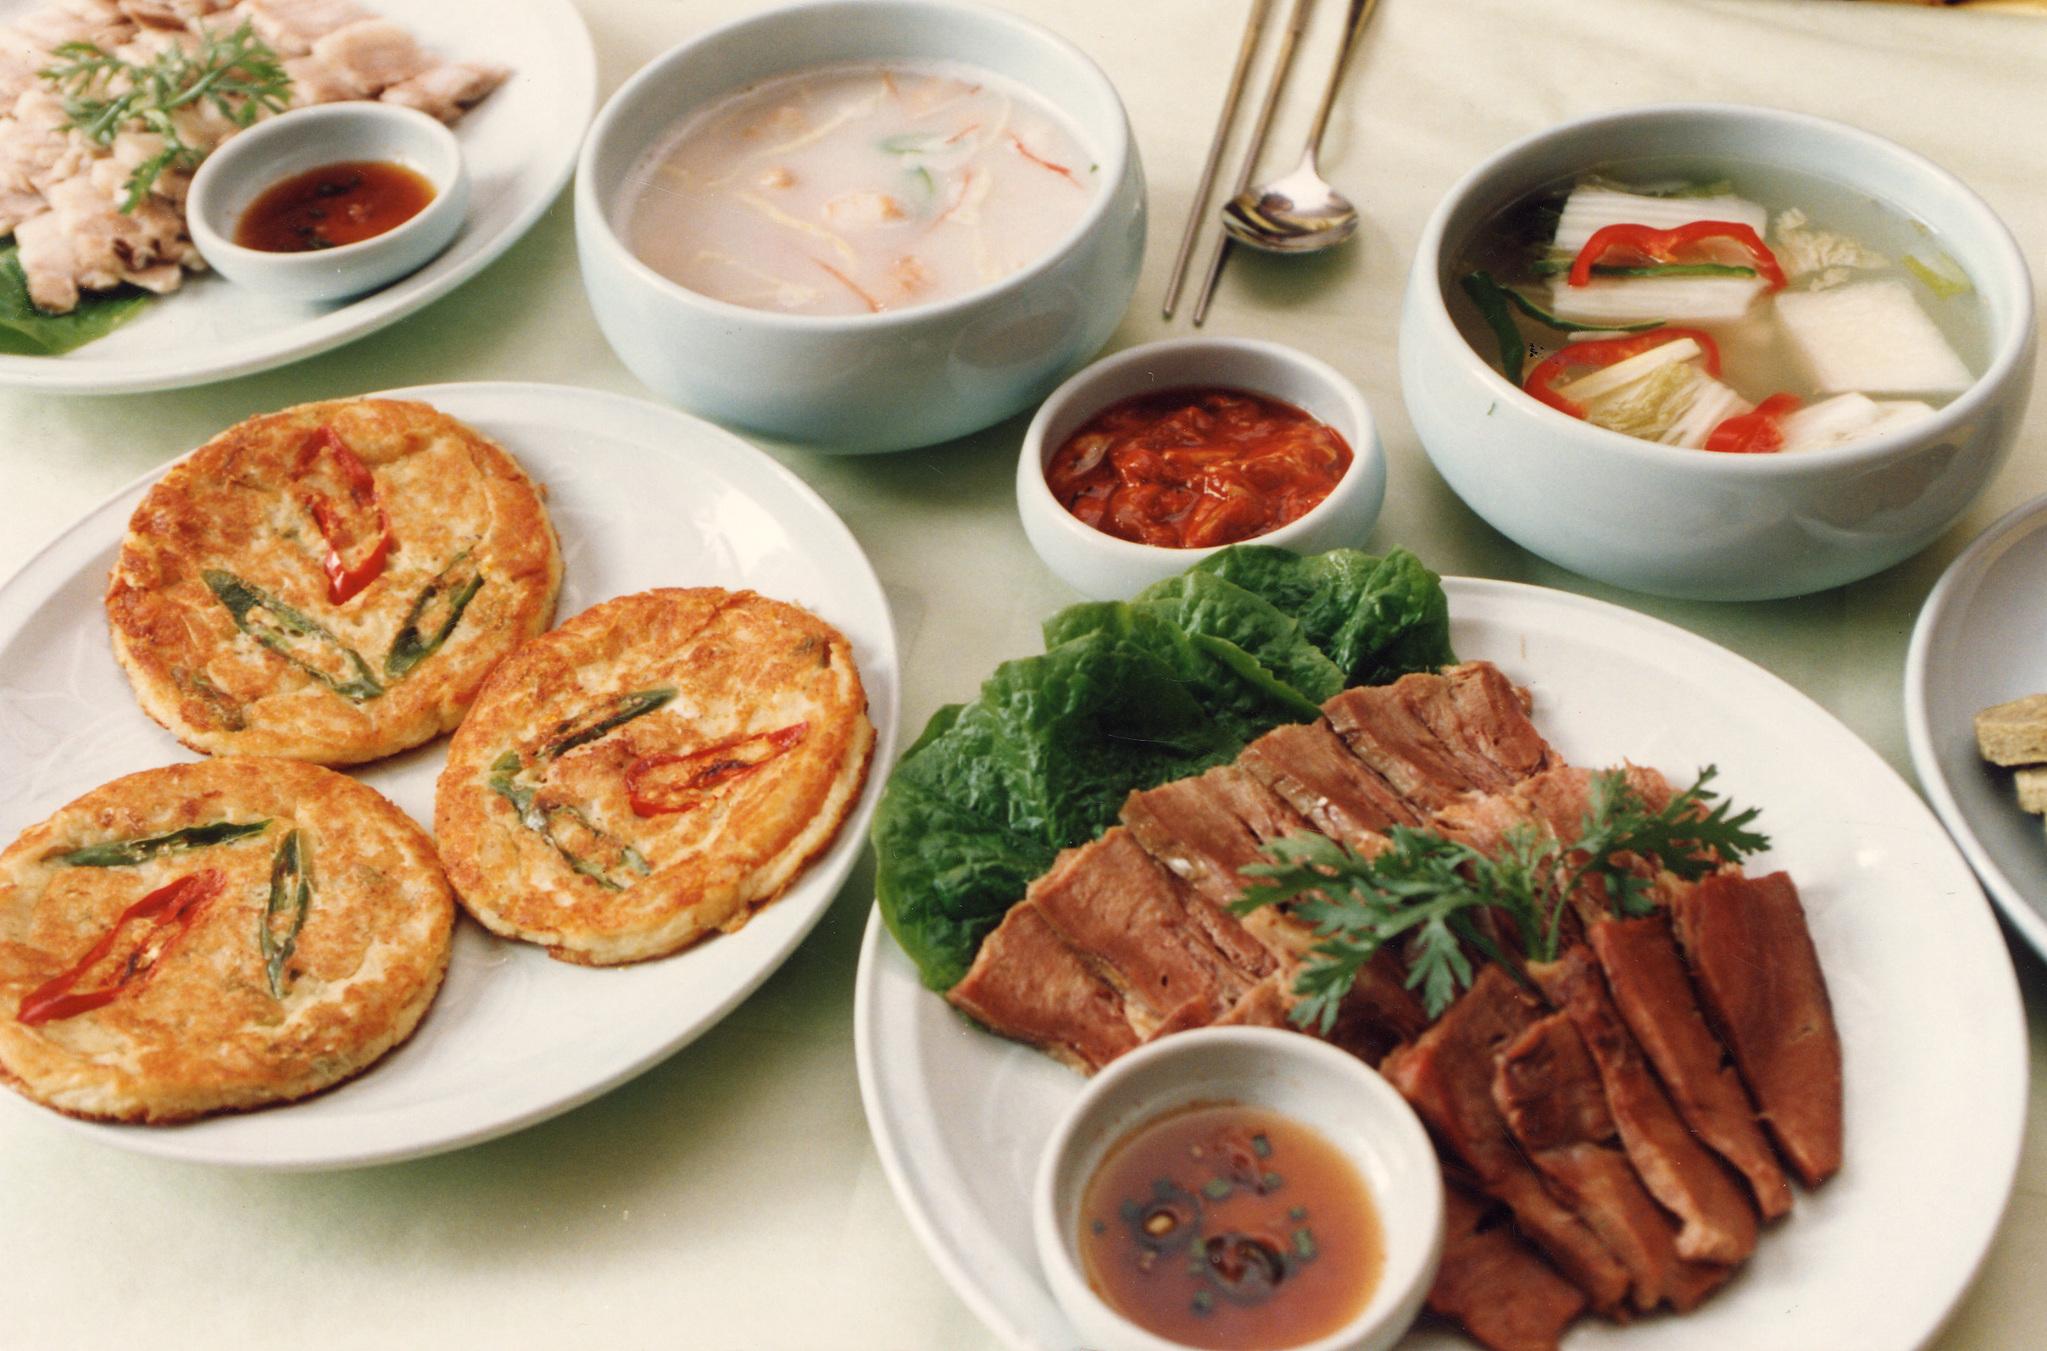 수험생에게 과식은 금물이다. 특히 위나 장이 약한 학생들은 기름진 음식이 많은 추석 음식을 주의해야 한다. [중앙포토]